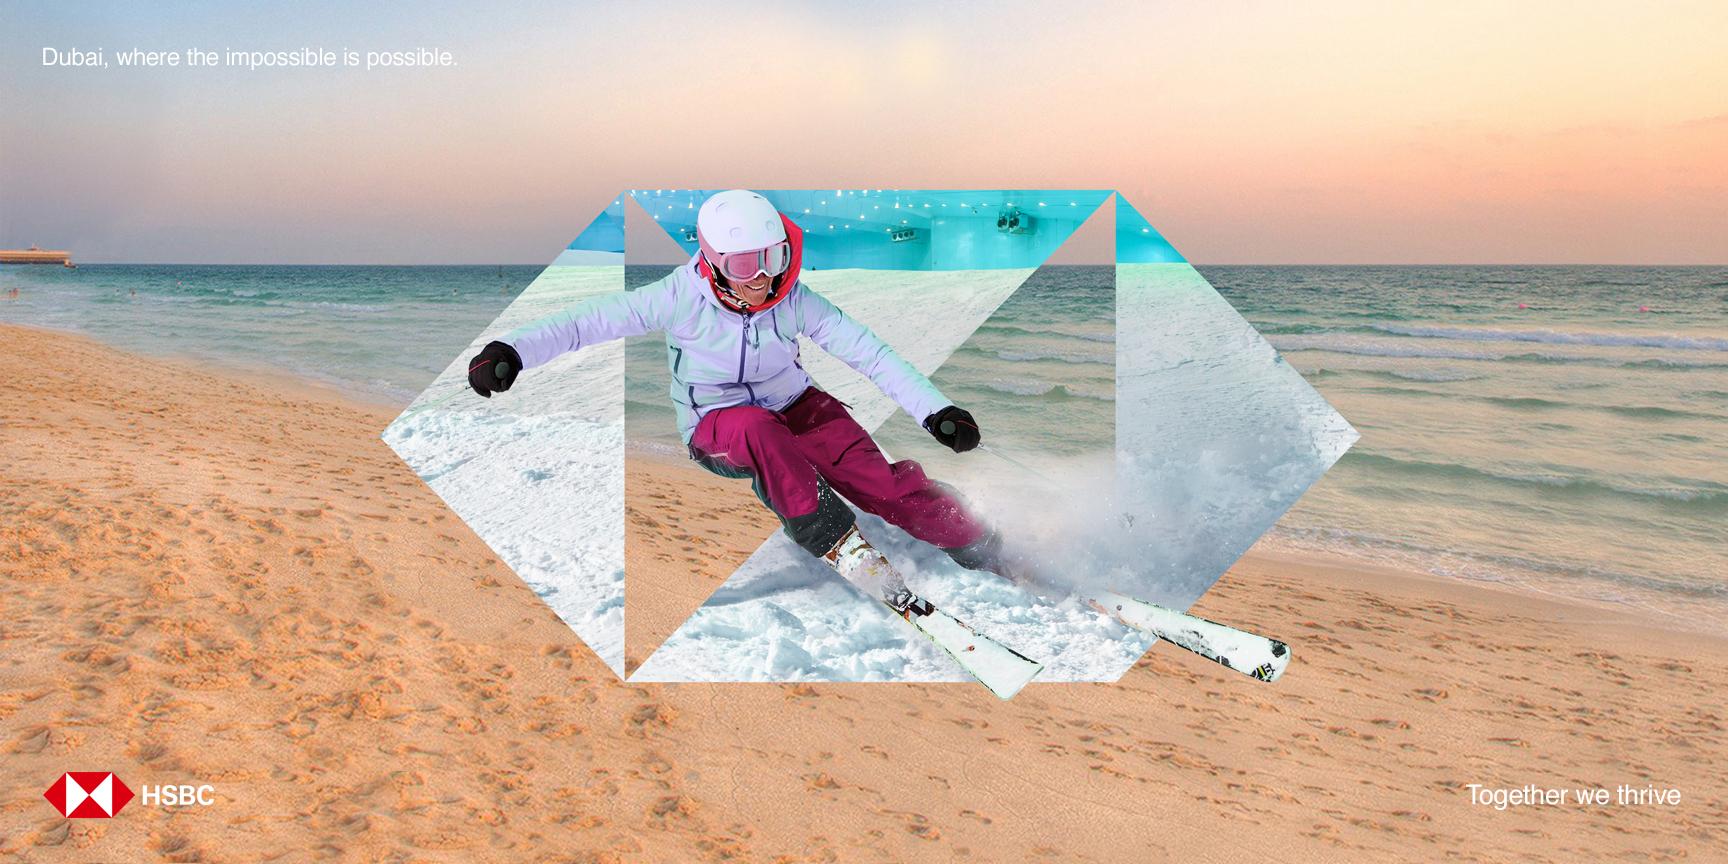 Dubai_sand_ski.jpg